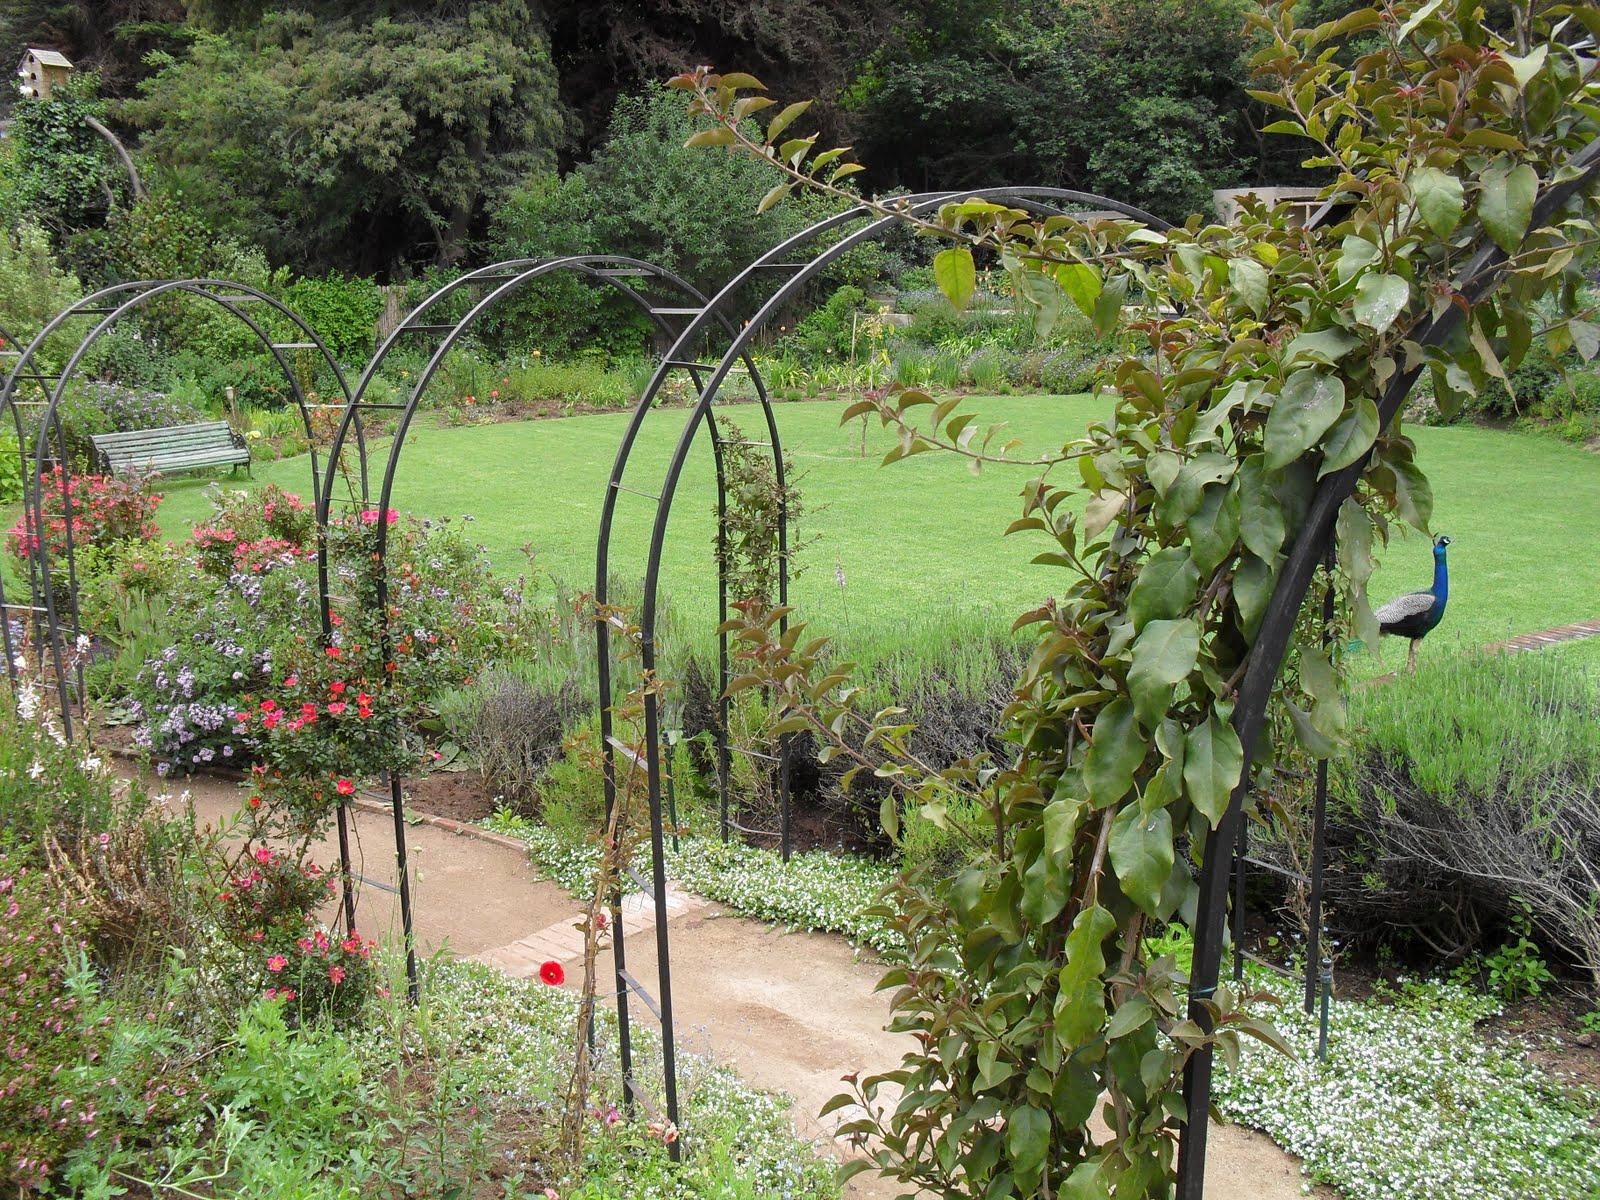 Pedro alemparte estructuras metalicas arcos jard n - Arcos de jardin ...